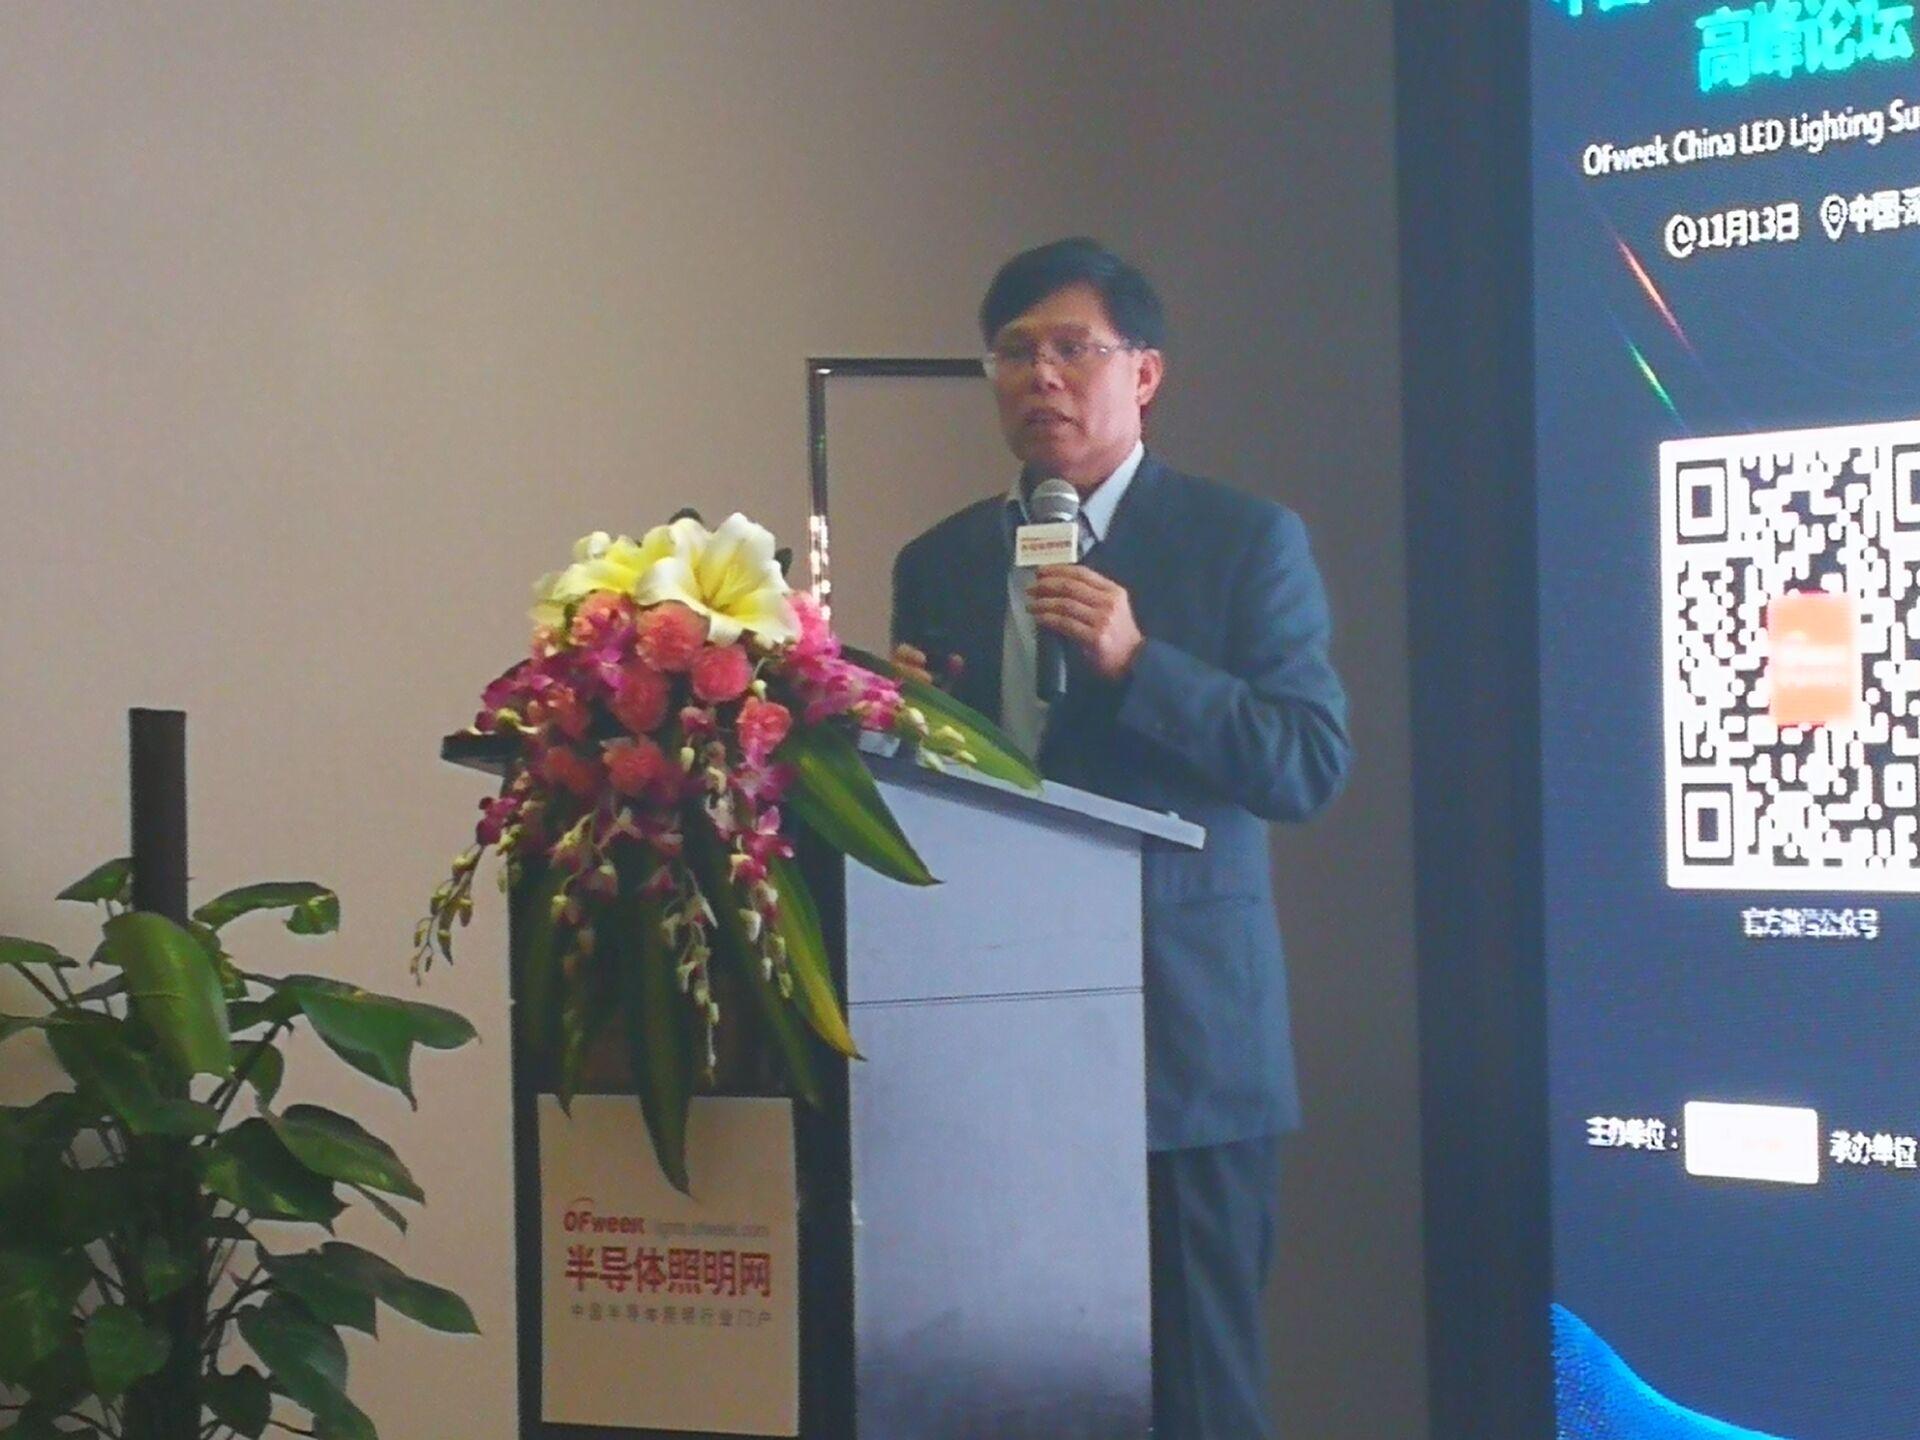 朱慕道:智能化LED照明应用未来机遇在何方?